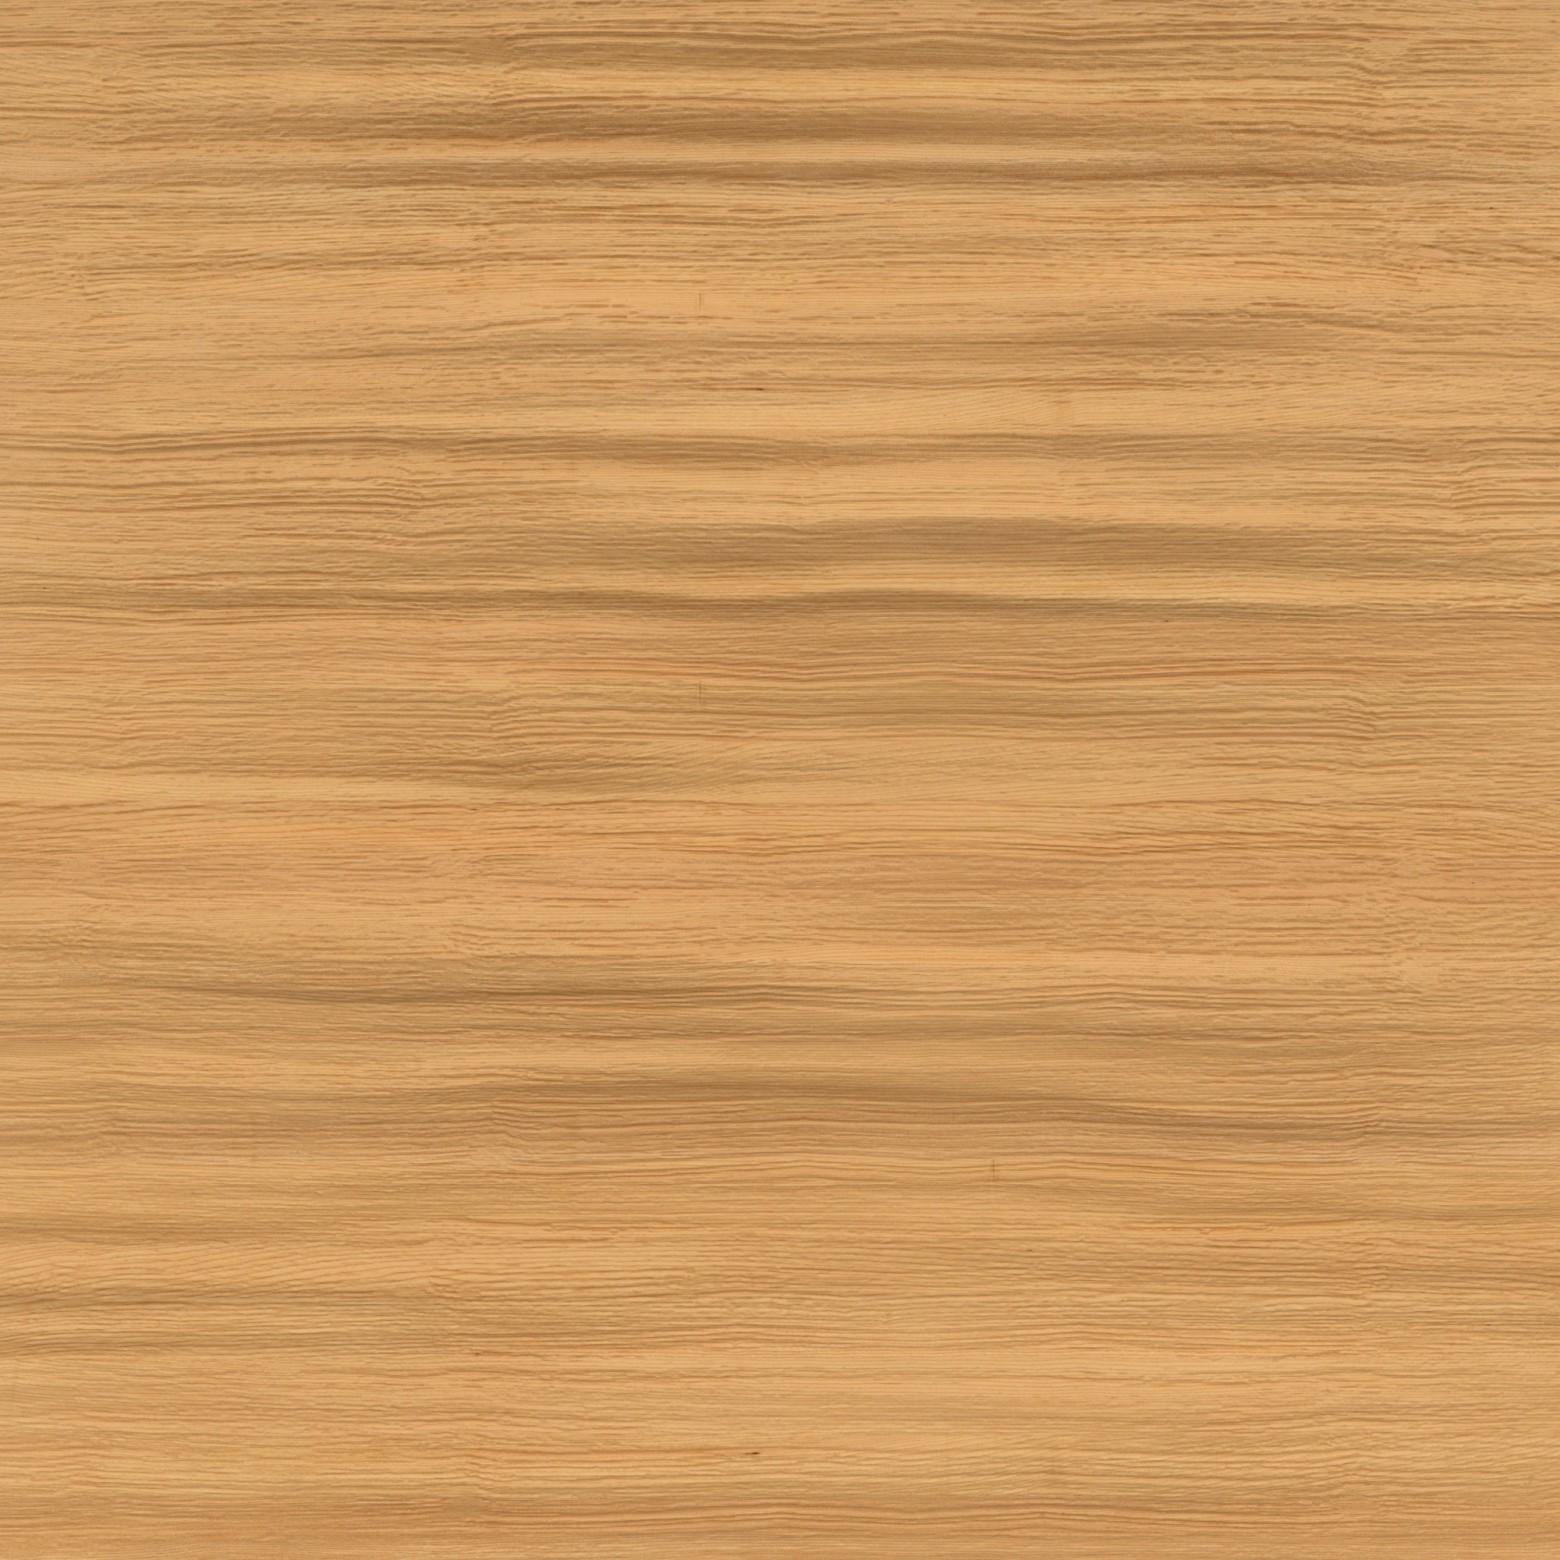 arri re plan mati re bois wood texture background wallpaper images gratuites images gratuites. Black Bedroom Furniture Sets. Home Design Ideas